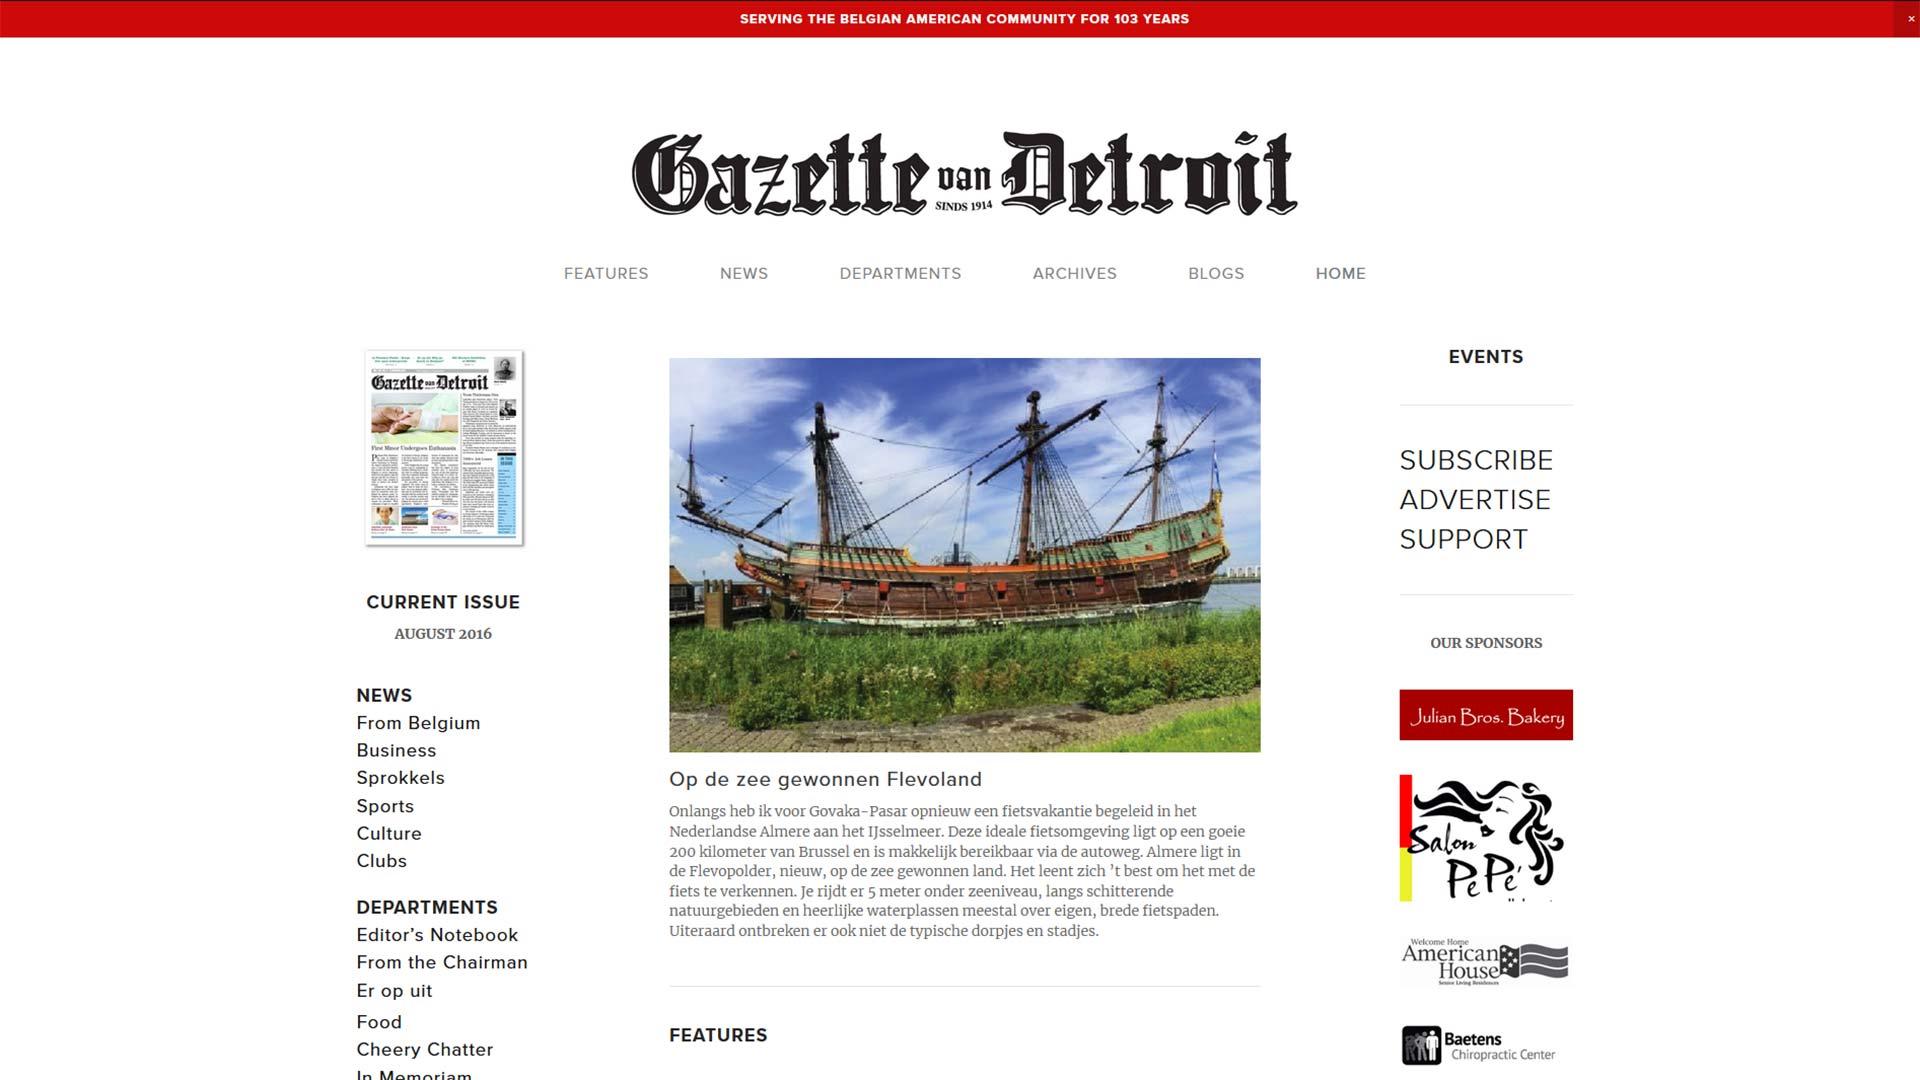 Gazette van Detroit stopt ermee